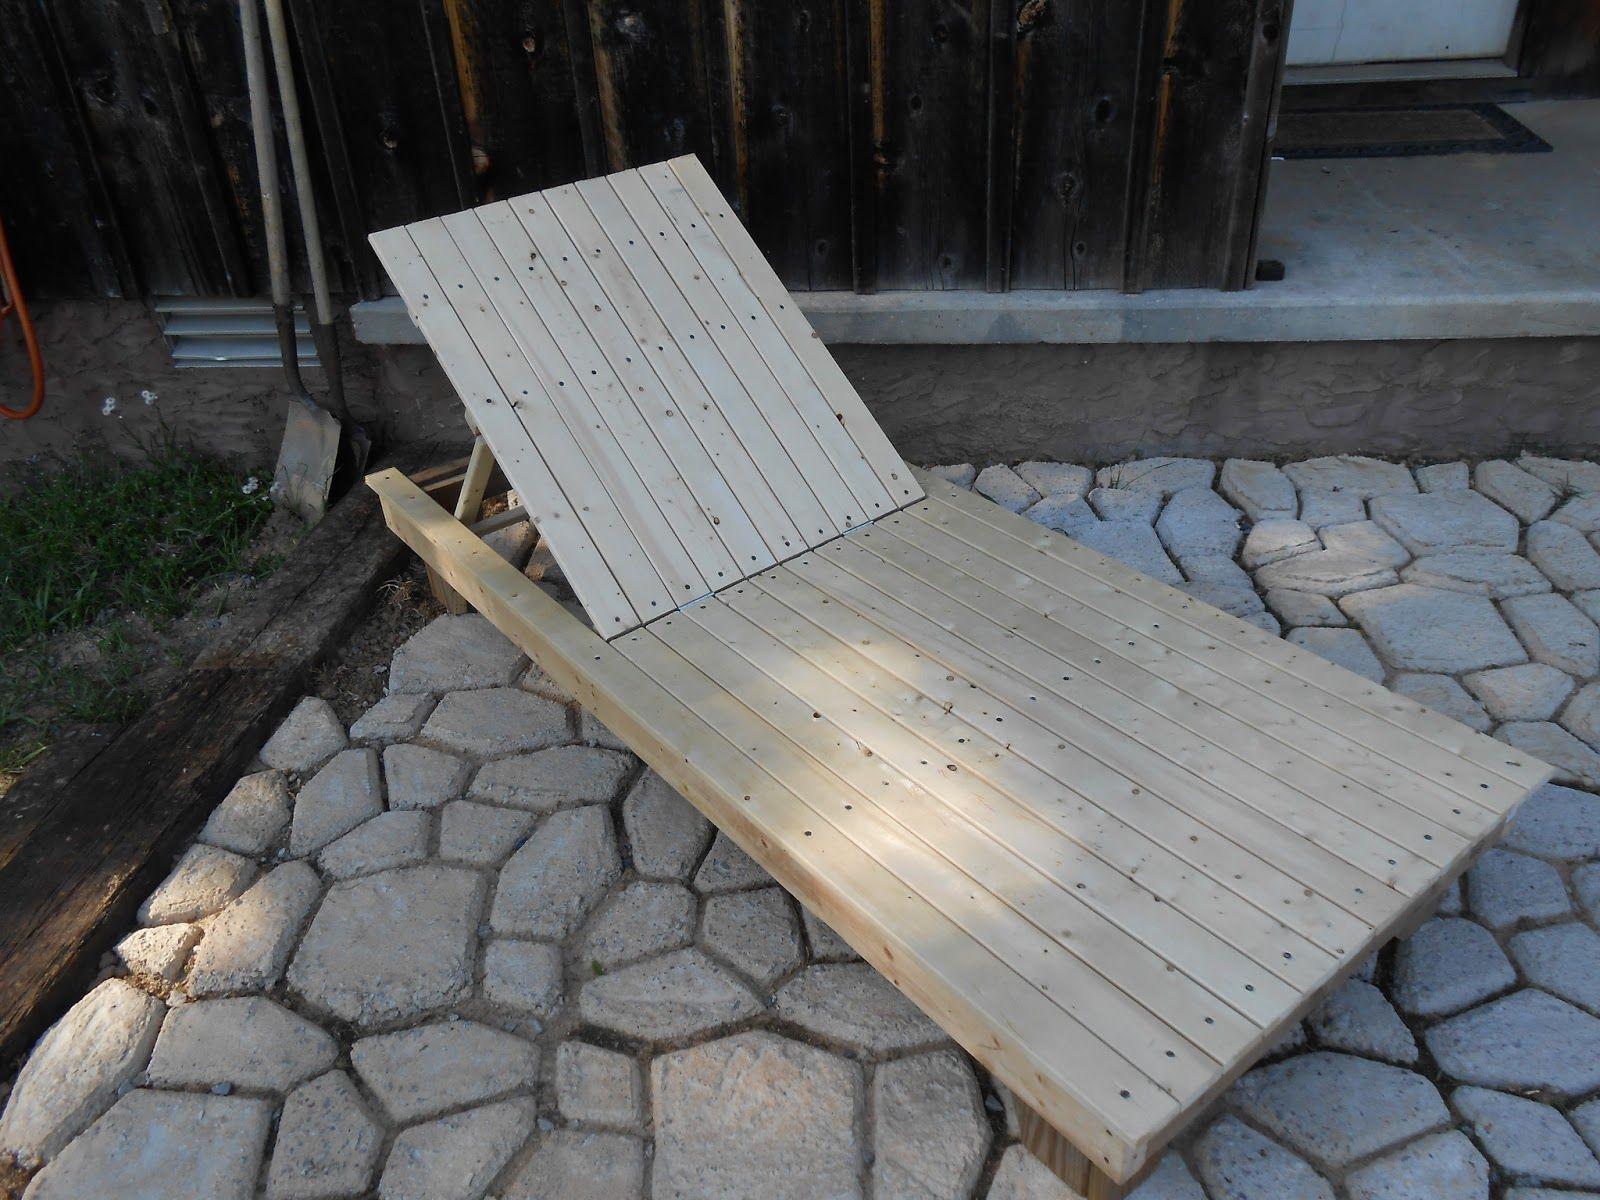 diy wooden patio lounge chair diy pinterest garten und haus. Black Bedroom Furniture Sets. Home Design Ideas